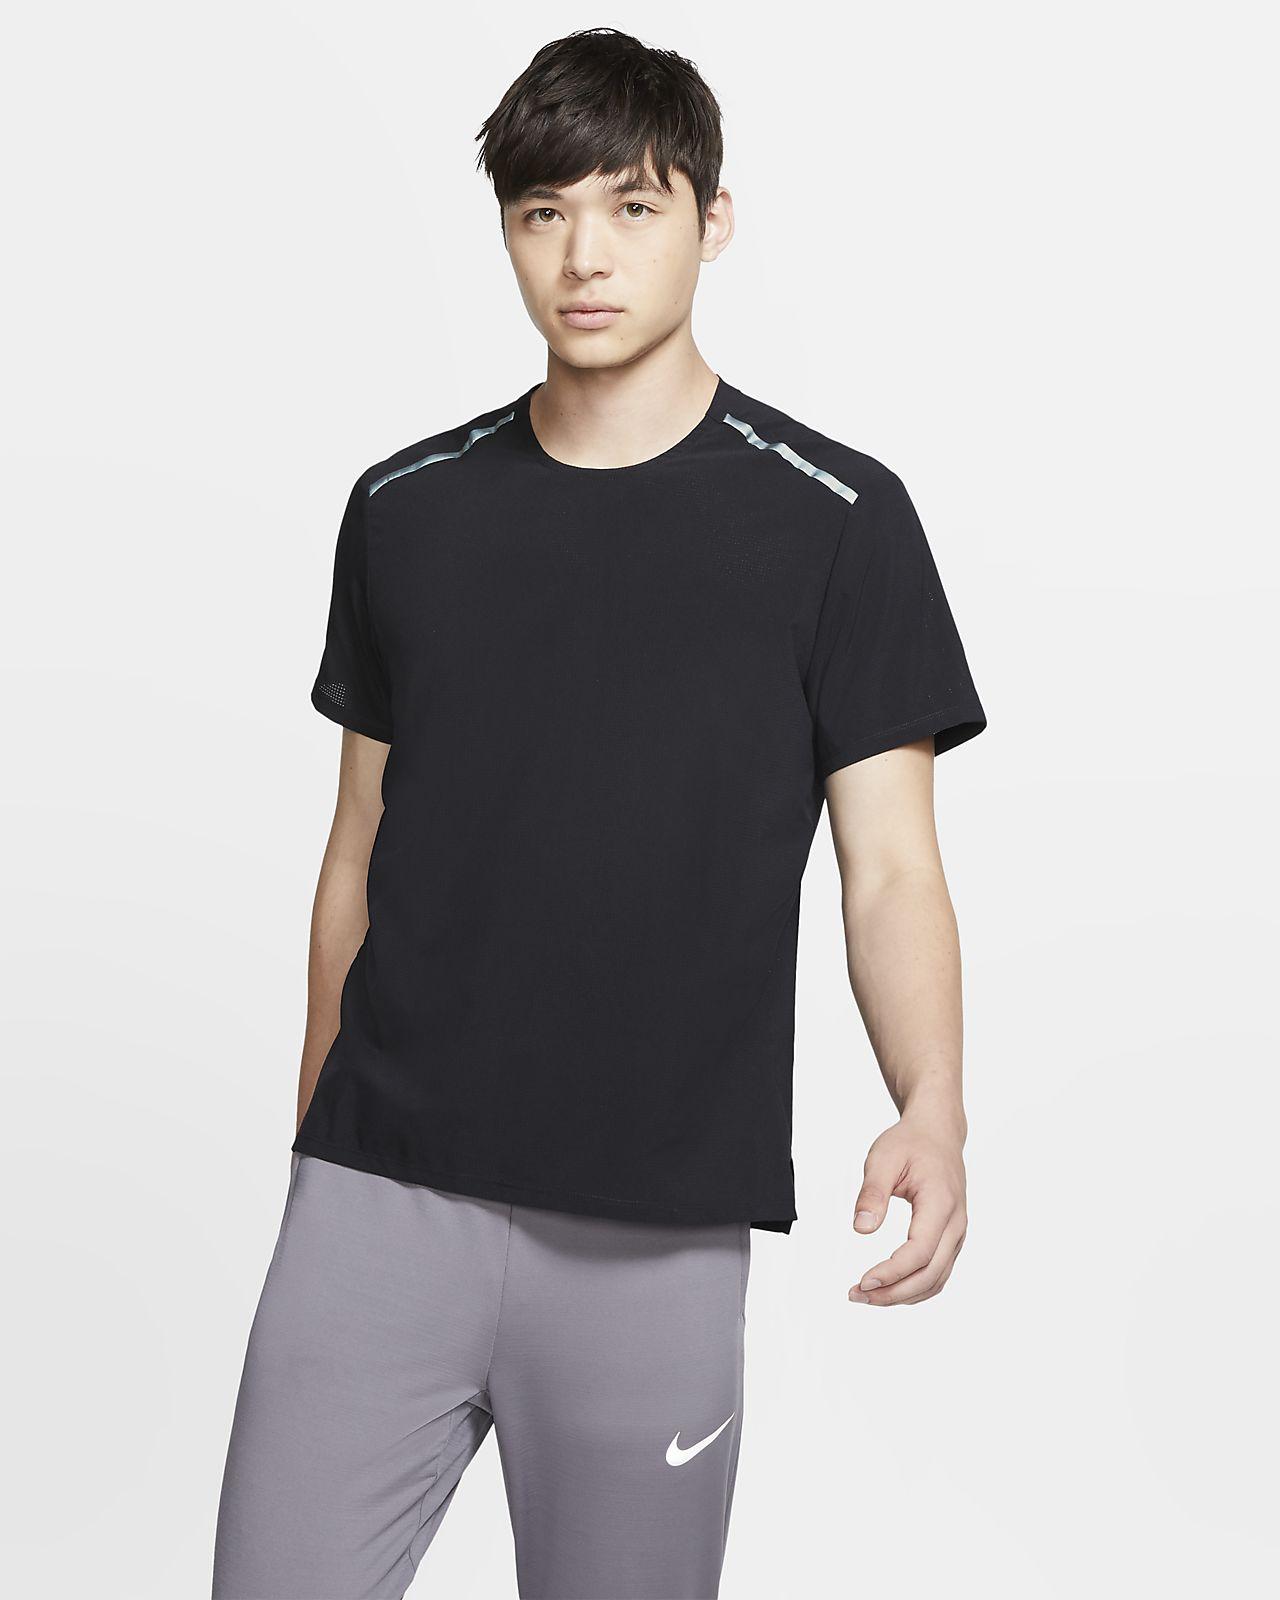 เสื้อวิ่งแขนสั้นผู้ชาย Nike